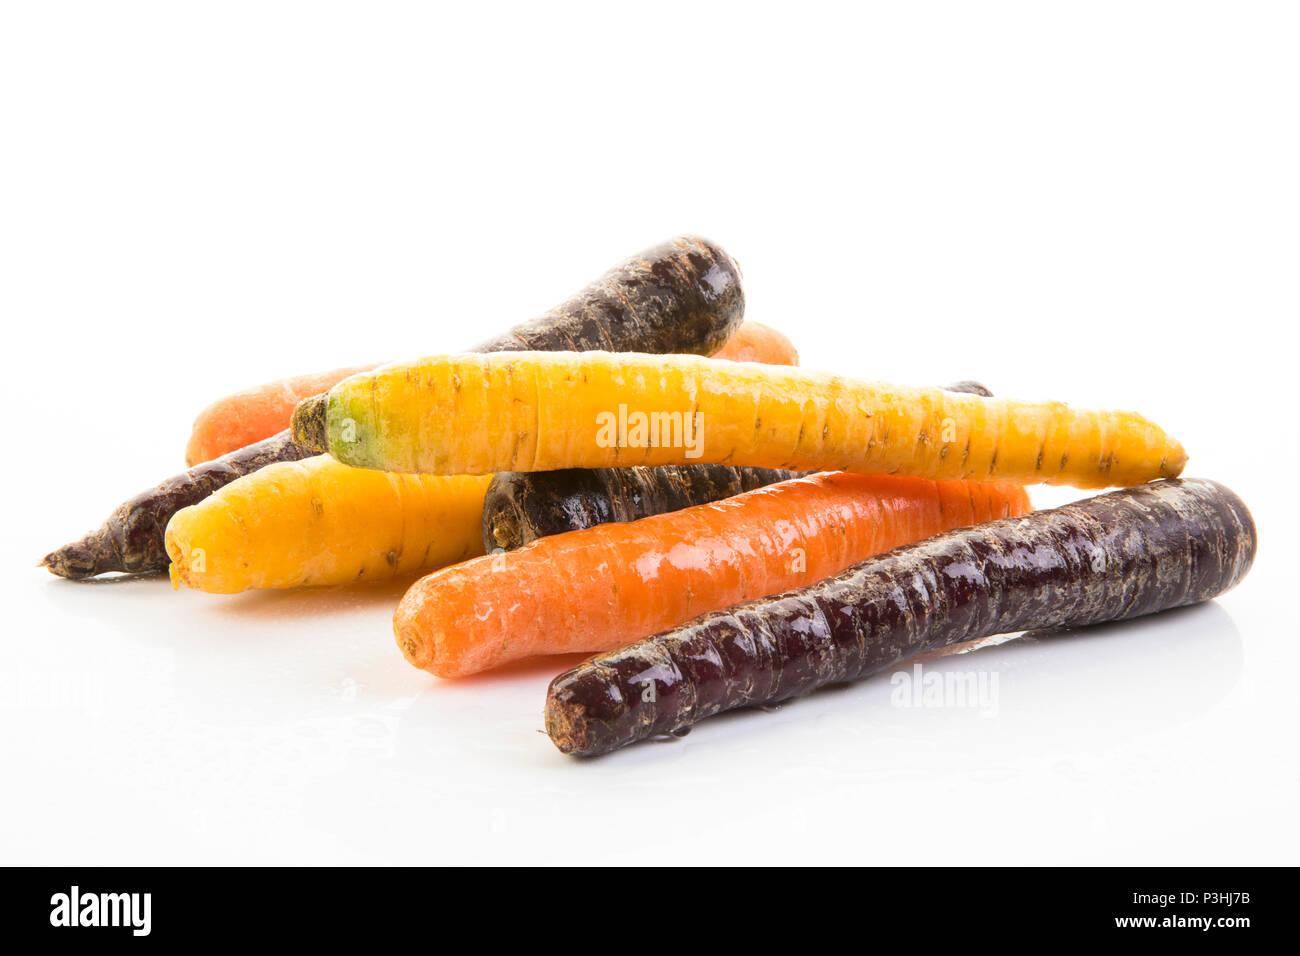 Karotten-Mix, orange, creme und violett farbene Karotten - Stock Image